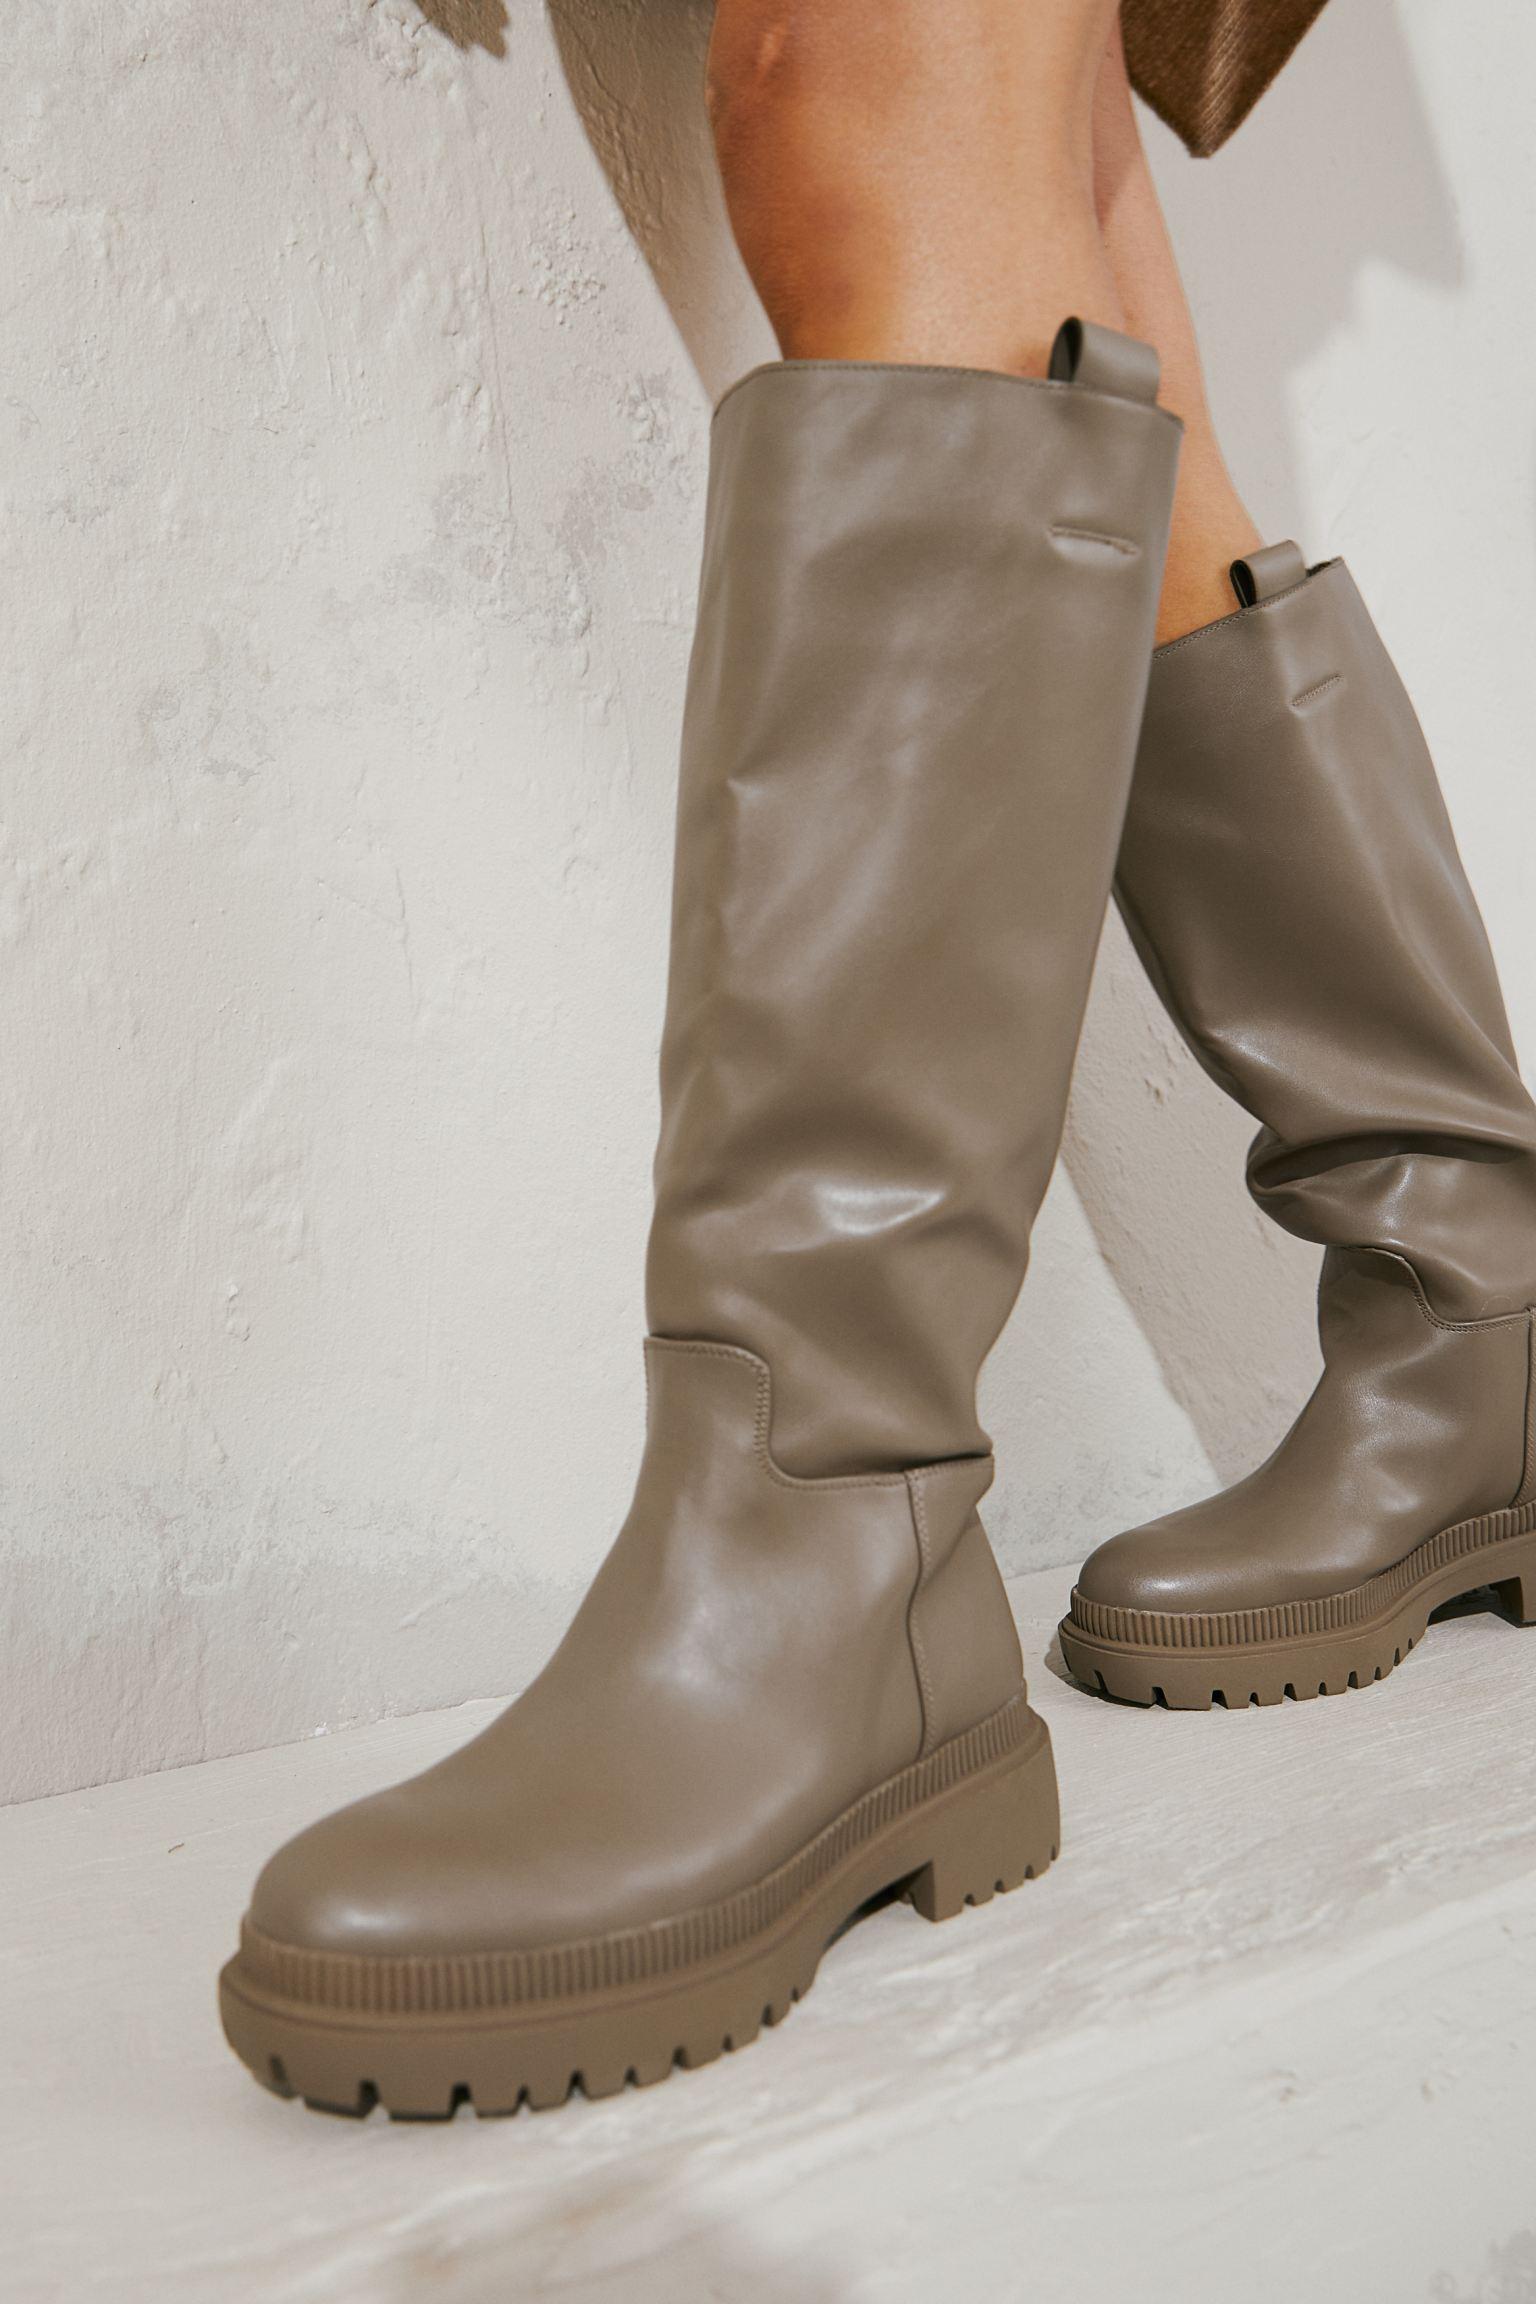 Botas a la rodilla en piel sintética con trabillas laterales. Forro de satén y plantillas en piel sintética. Suela gruesa con diseño. Tacón 5,5 cm.